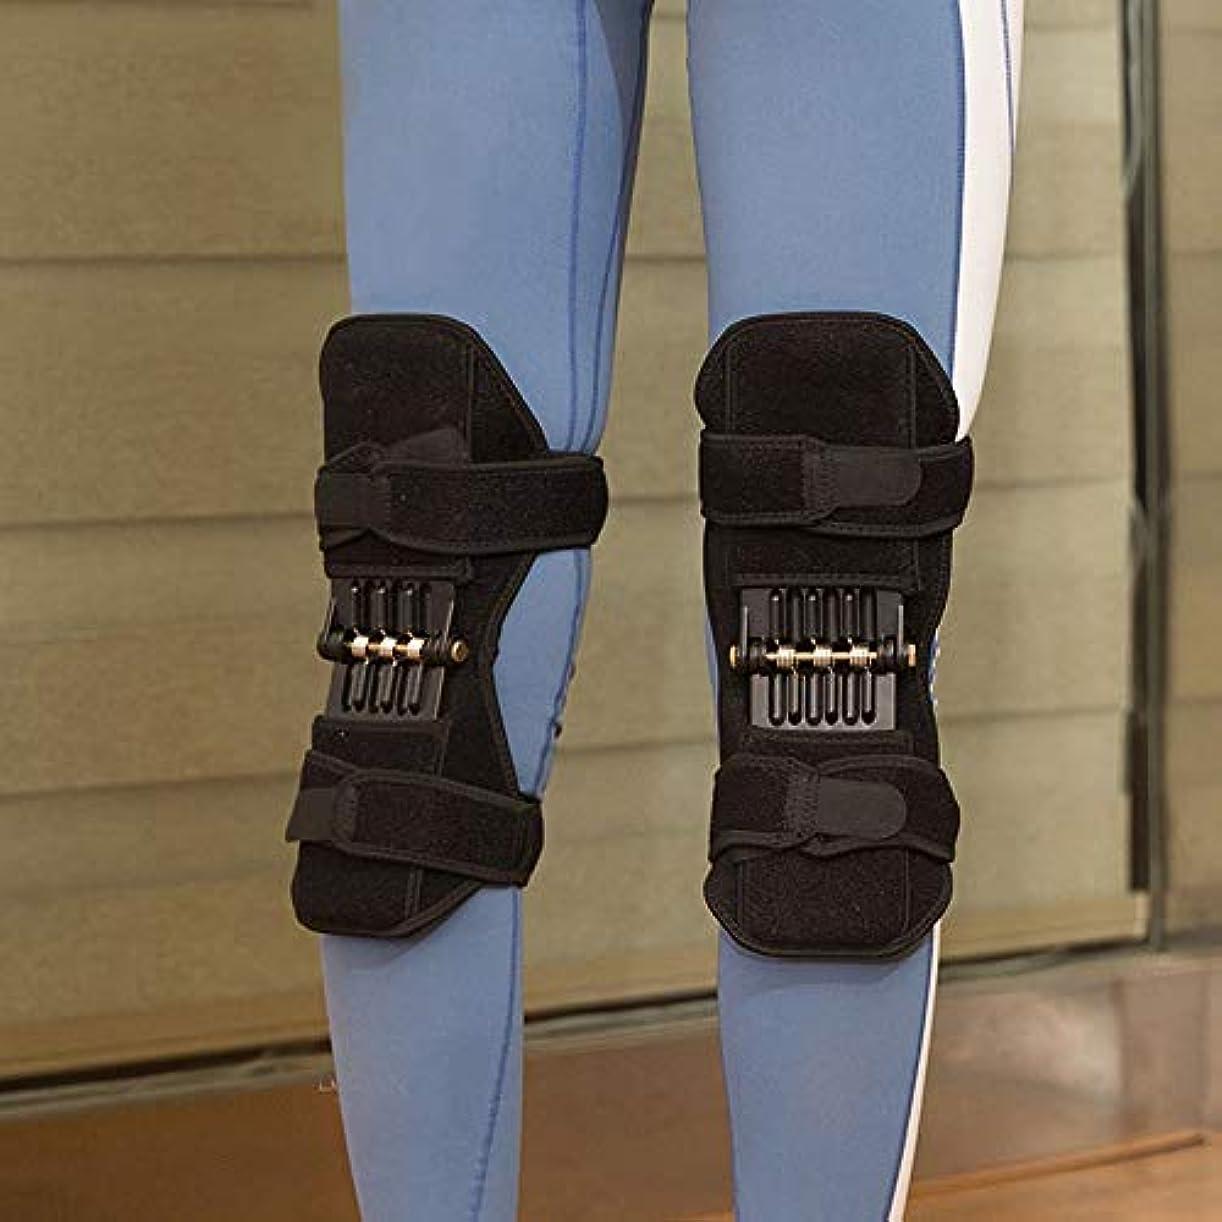 動物空いている映画1 ペアスポーツ 春の膝 ストラップ 登山 ランニング 膝 ブースター 膝 パッド 膝関節保護 マッサージツール